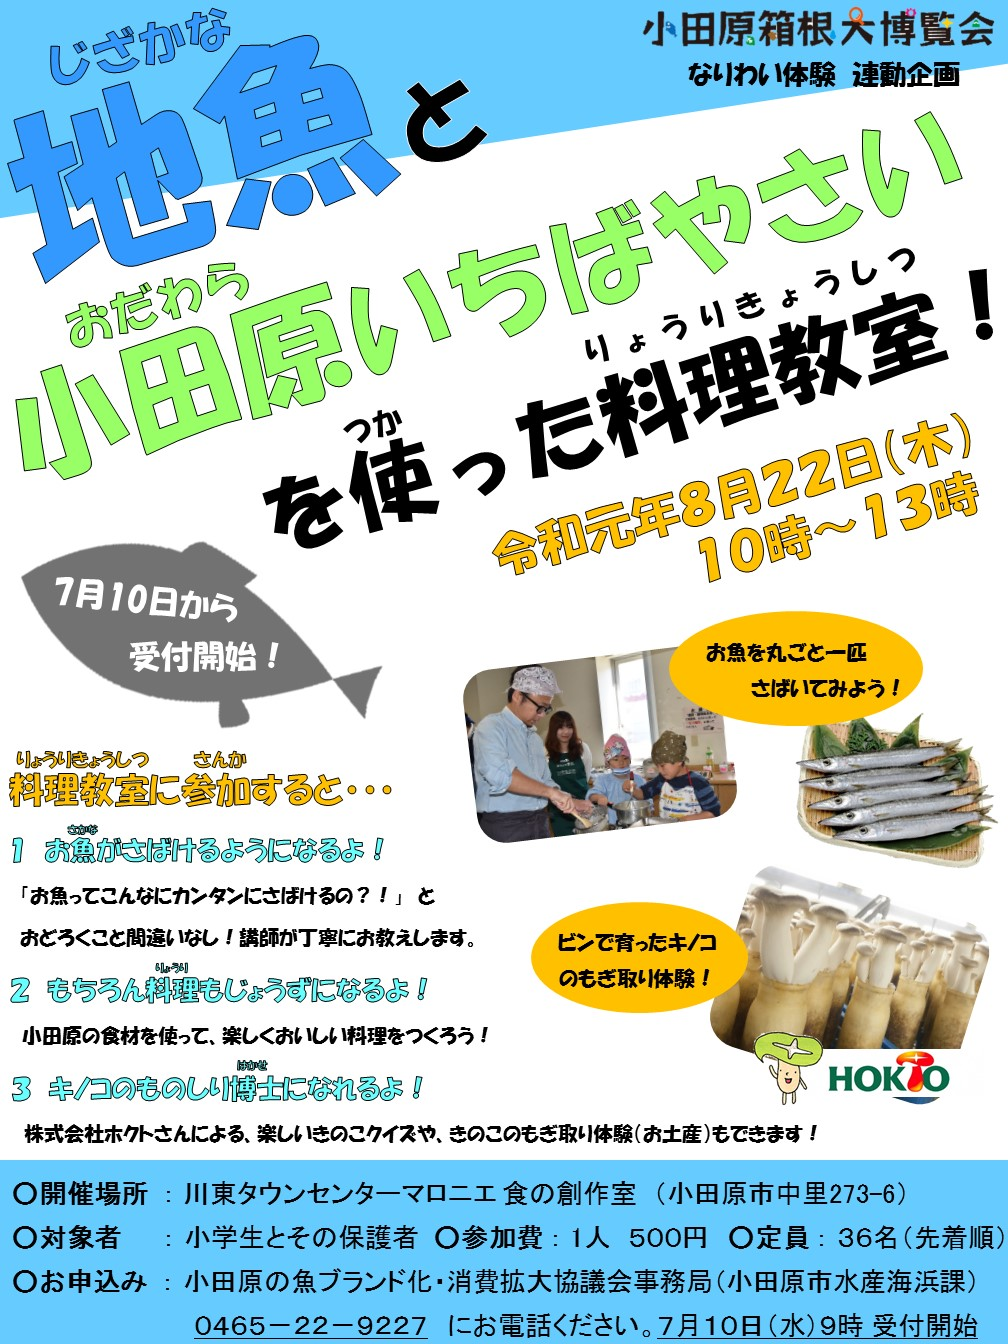 旬の地魚と小田原いちばやさいを使った小学生のための料理教室を開催します